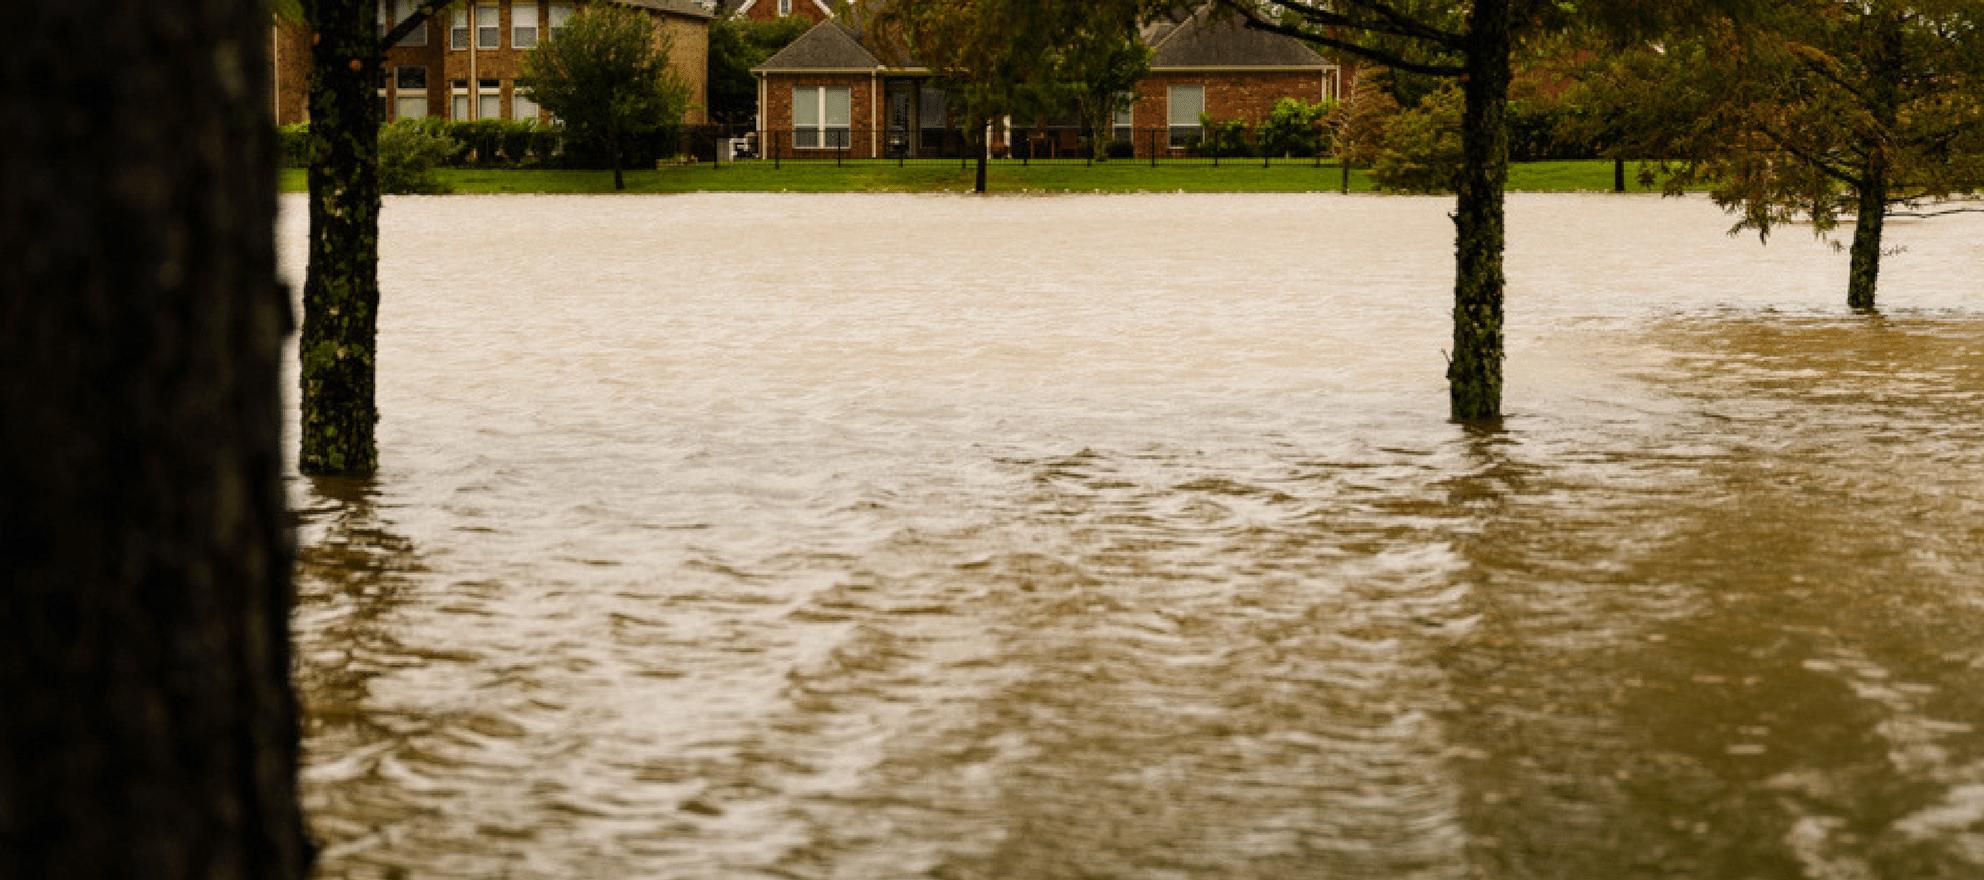 nfip flood insurance texas